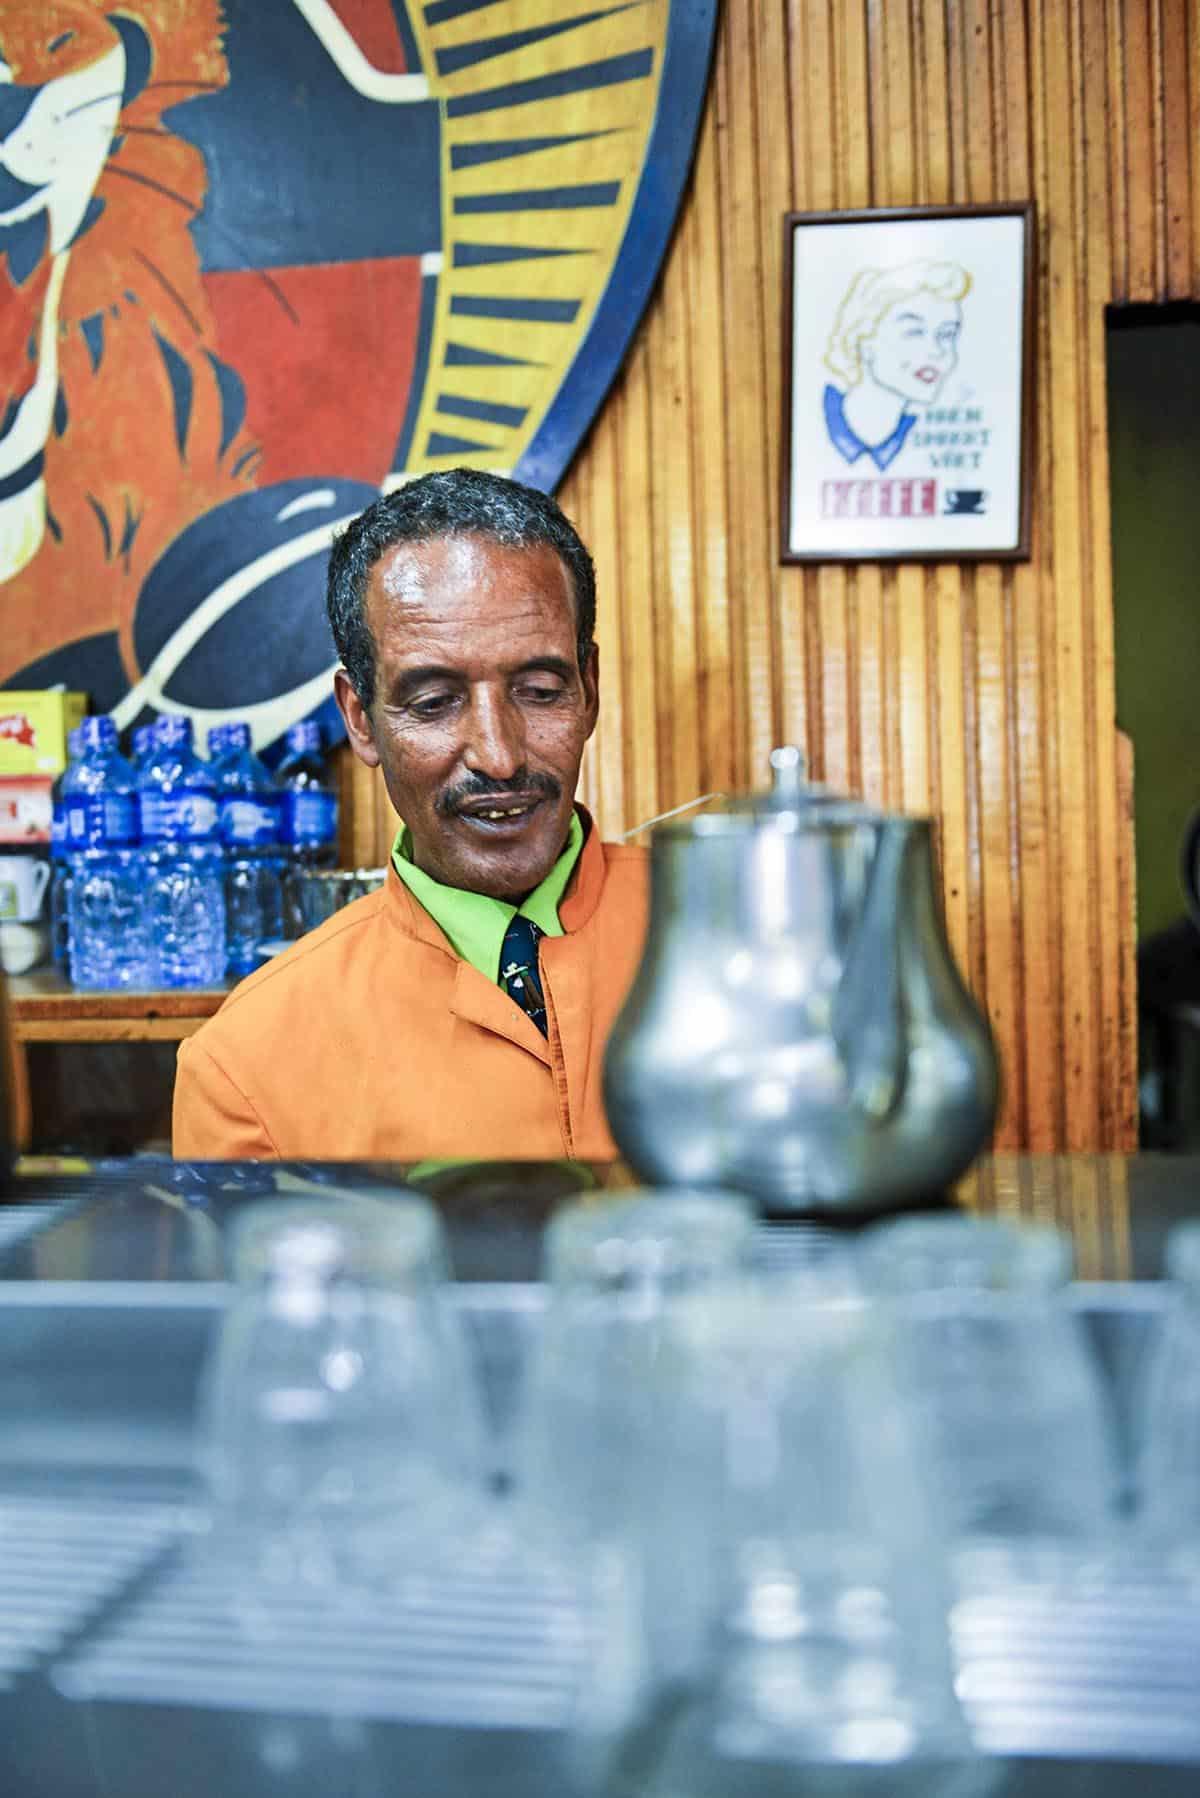 Tomoca i Addis Abeba